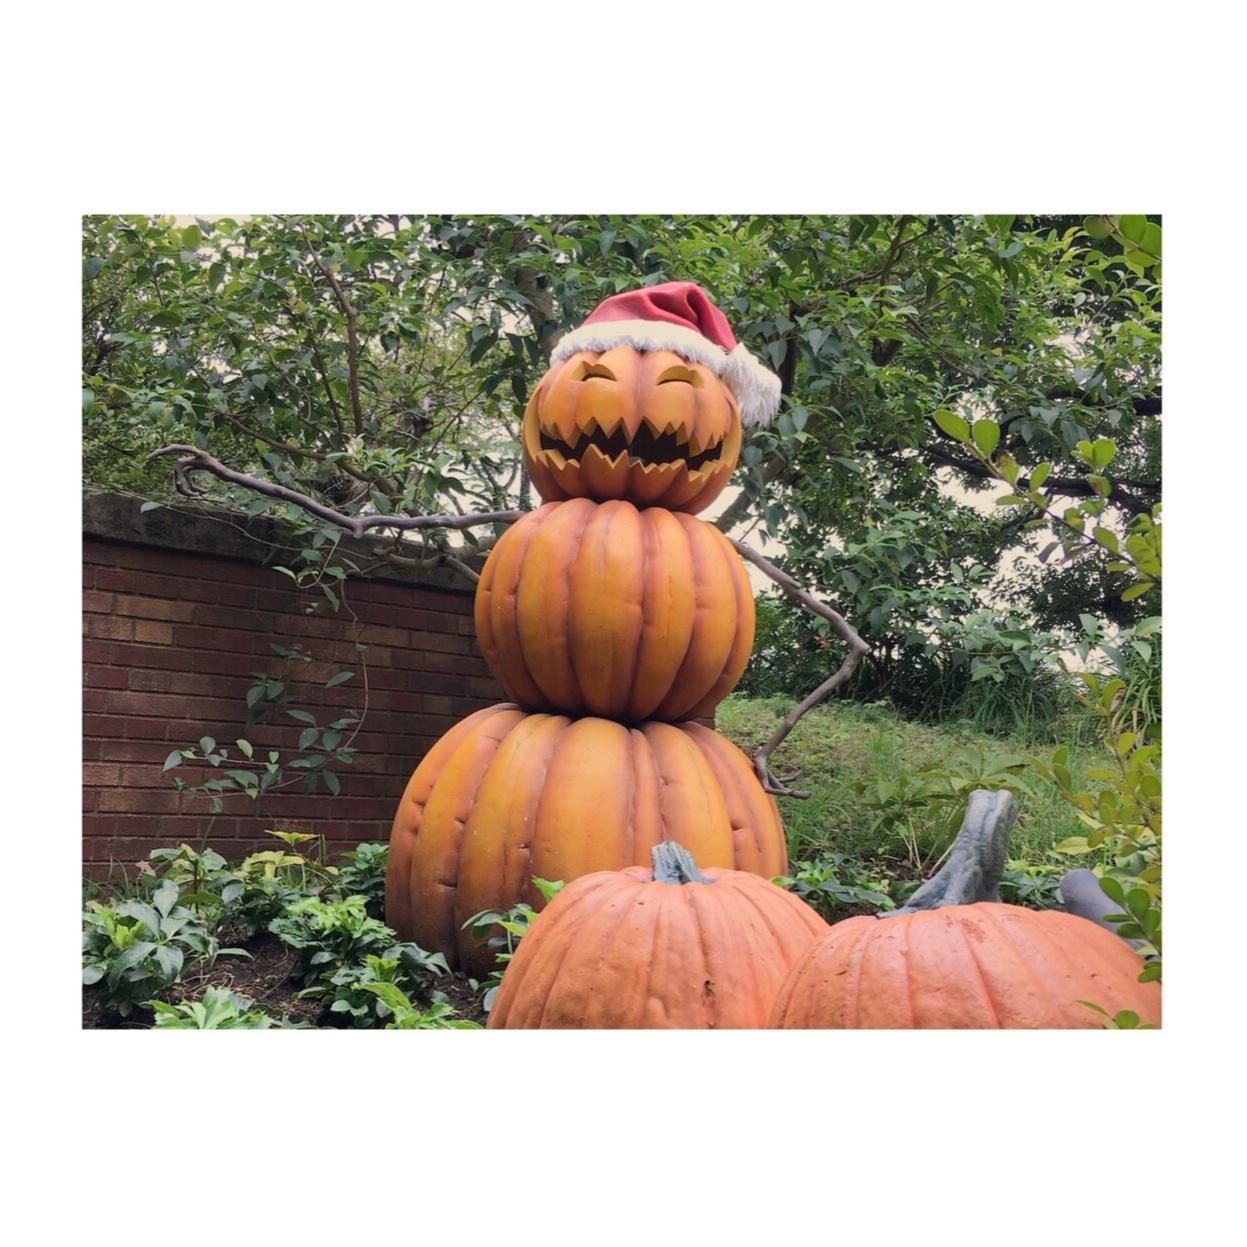 《ハロウィンシーズン到来★》【TDL】で思わずパケ買いしたオススメのお土産お菓子2選❤️_1